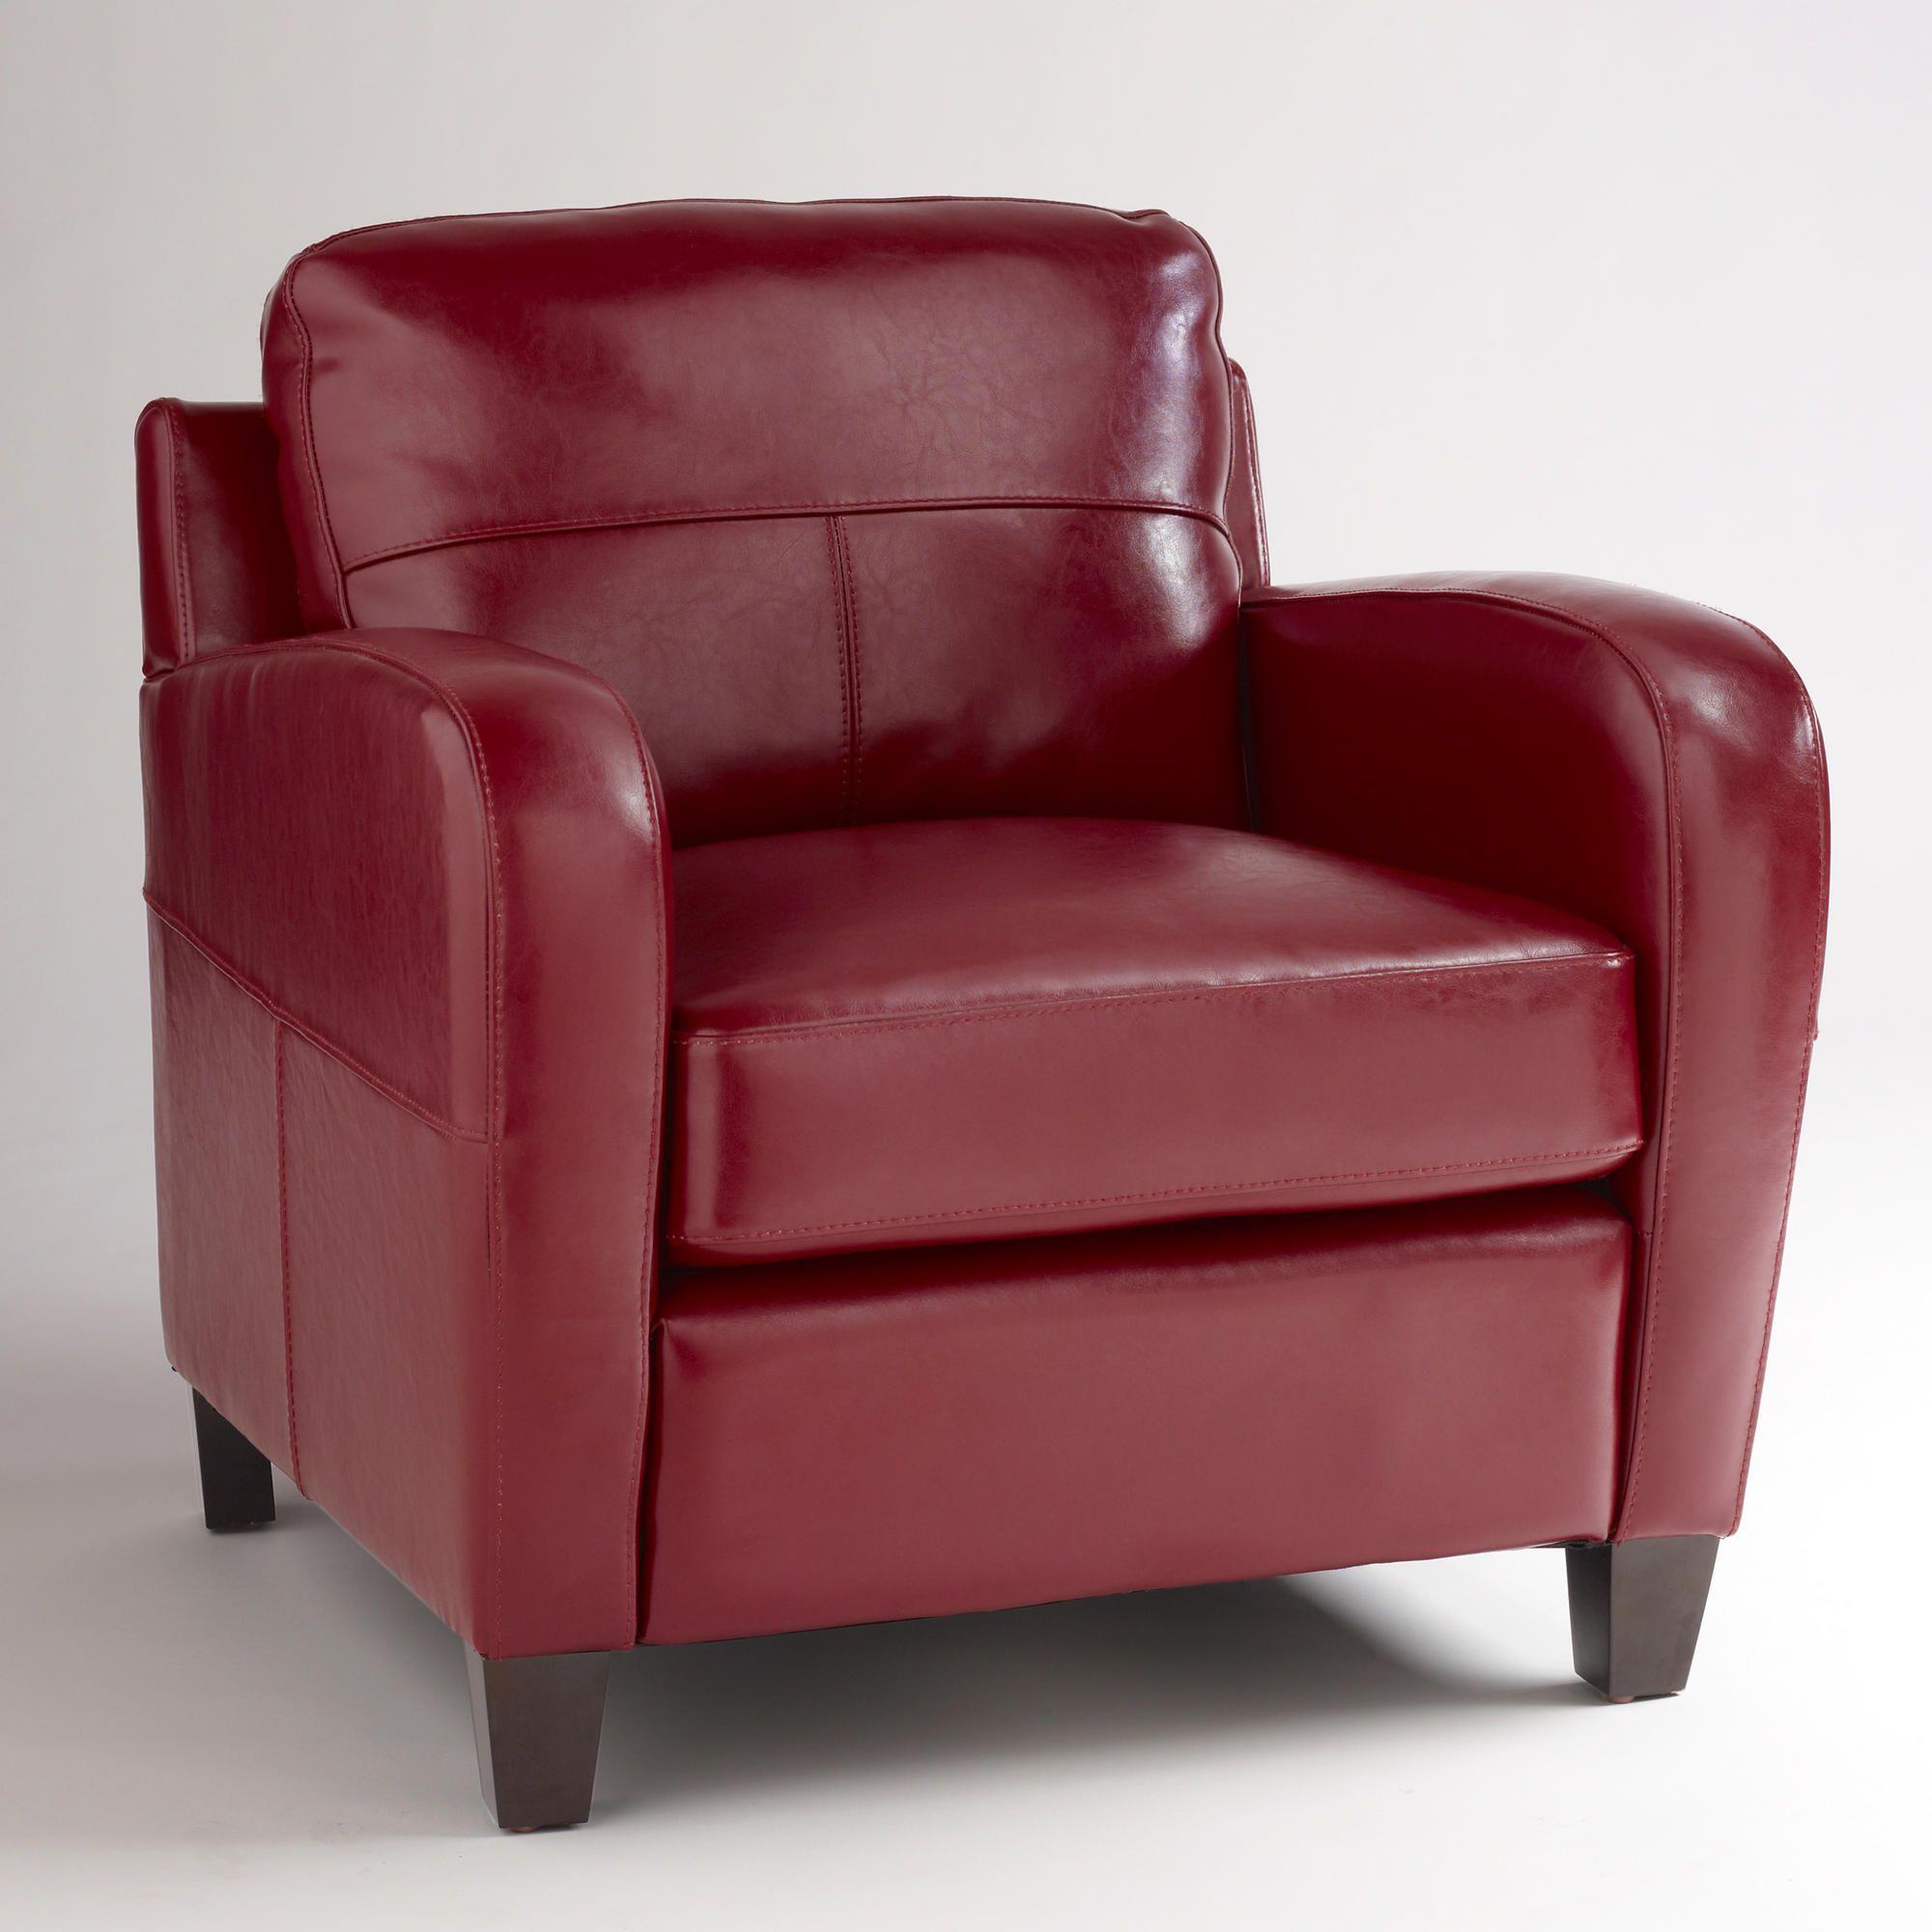 Macht Lehnstuhl Neue Mobel Leder Lesesessel Kleiner Leder Stuhl